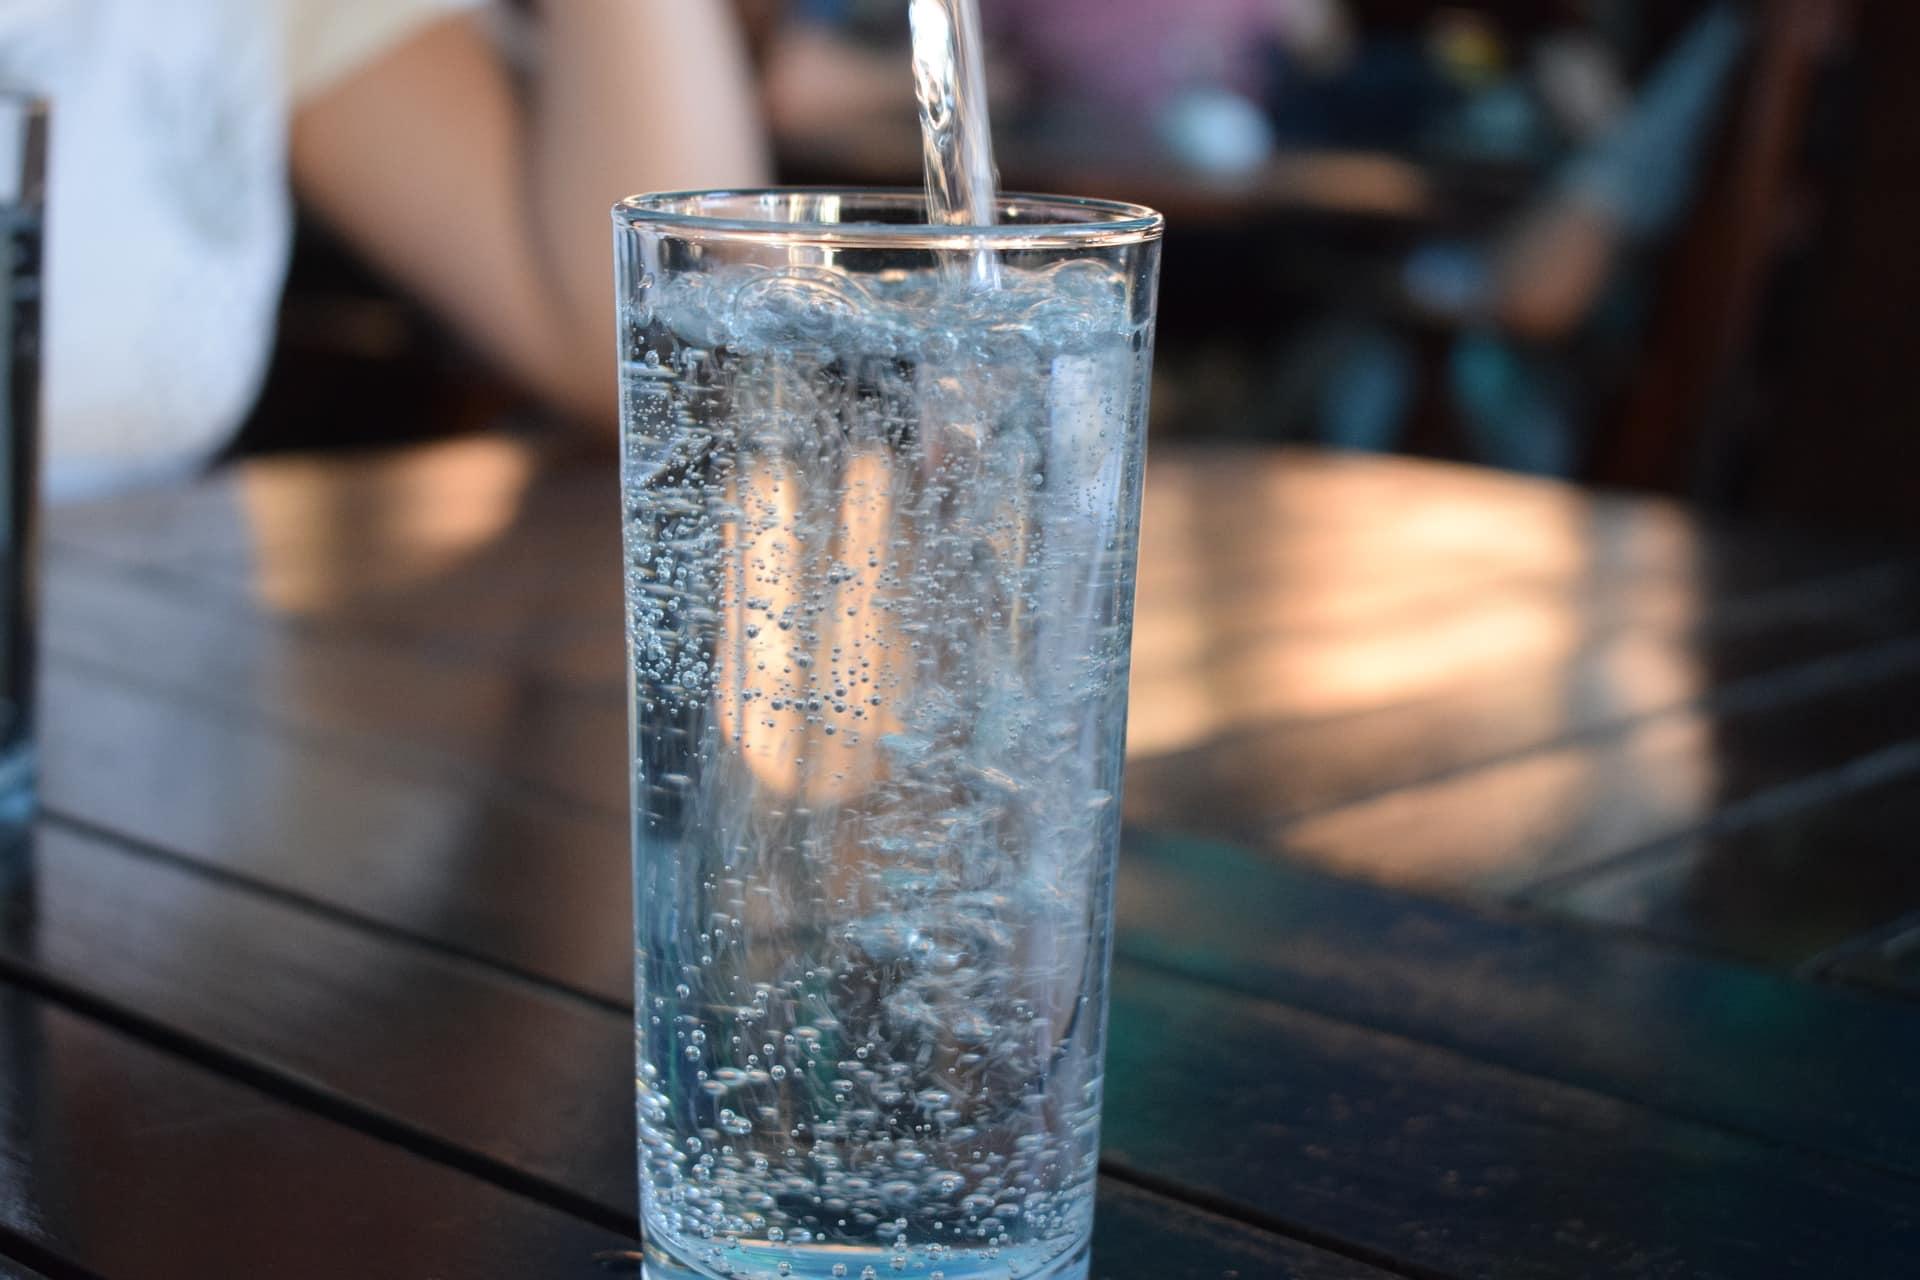 Citation Comment détecter les énergies négatives chez vous uniquement grâce à un verre d'eau?